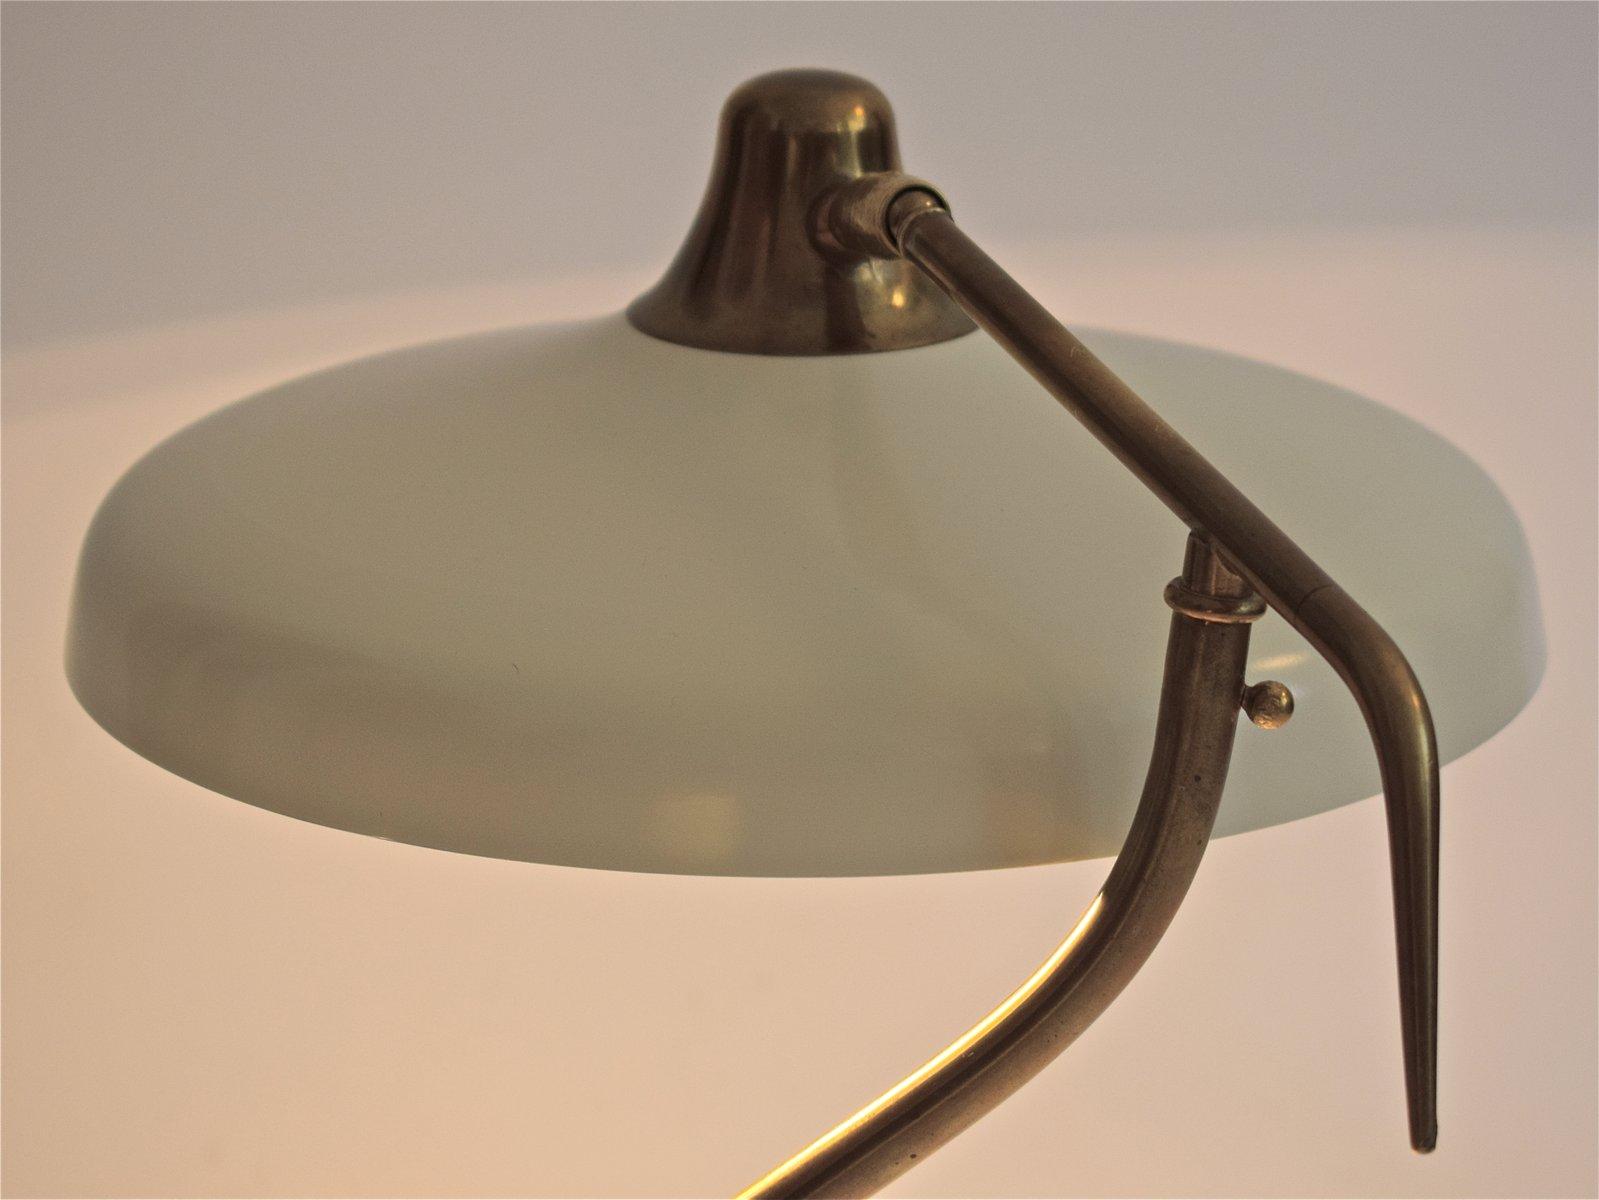 Lampada da tavolo vintage di oscar torlasco per lumi in vendita su